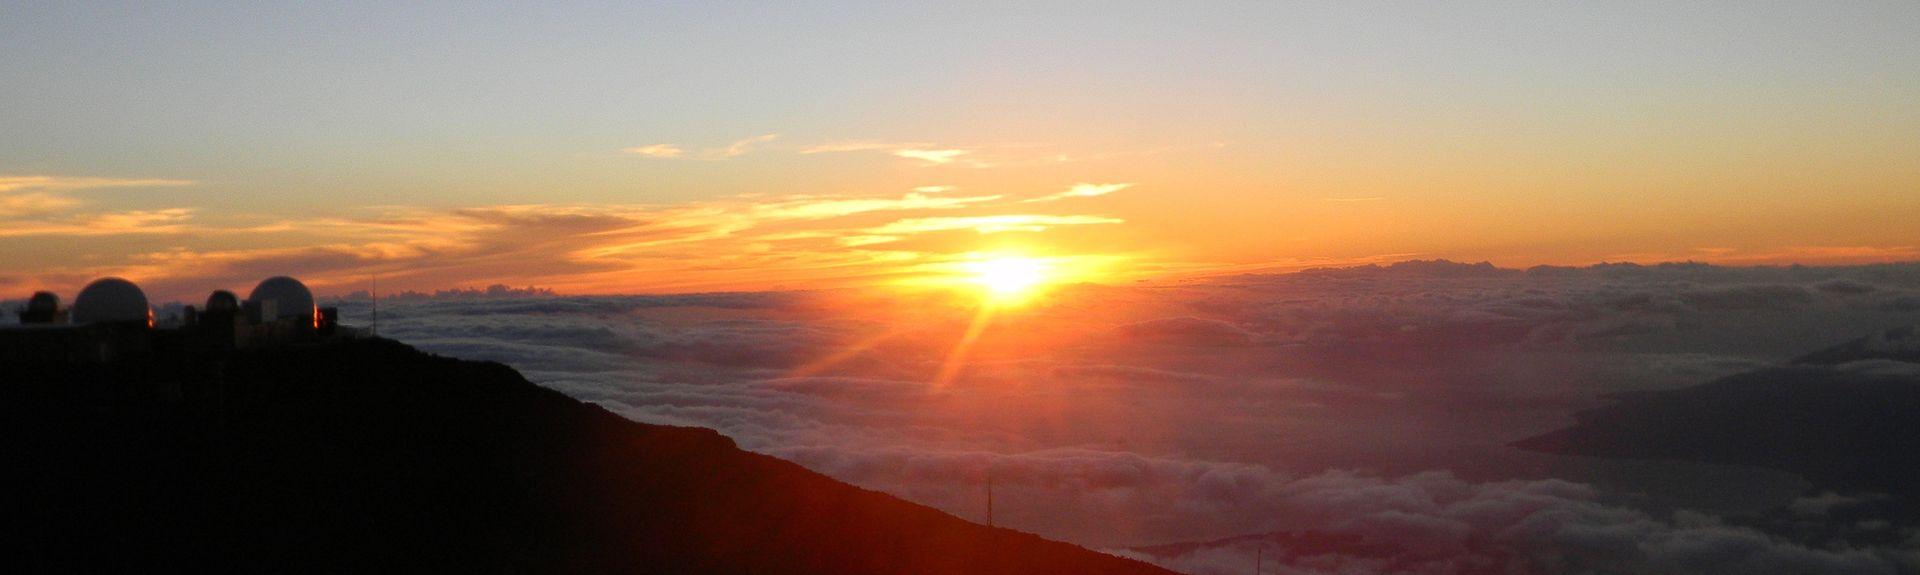 Baía La Perouse, Kula, Havaí, Estados Unidos